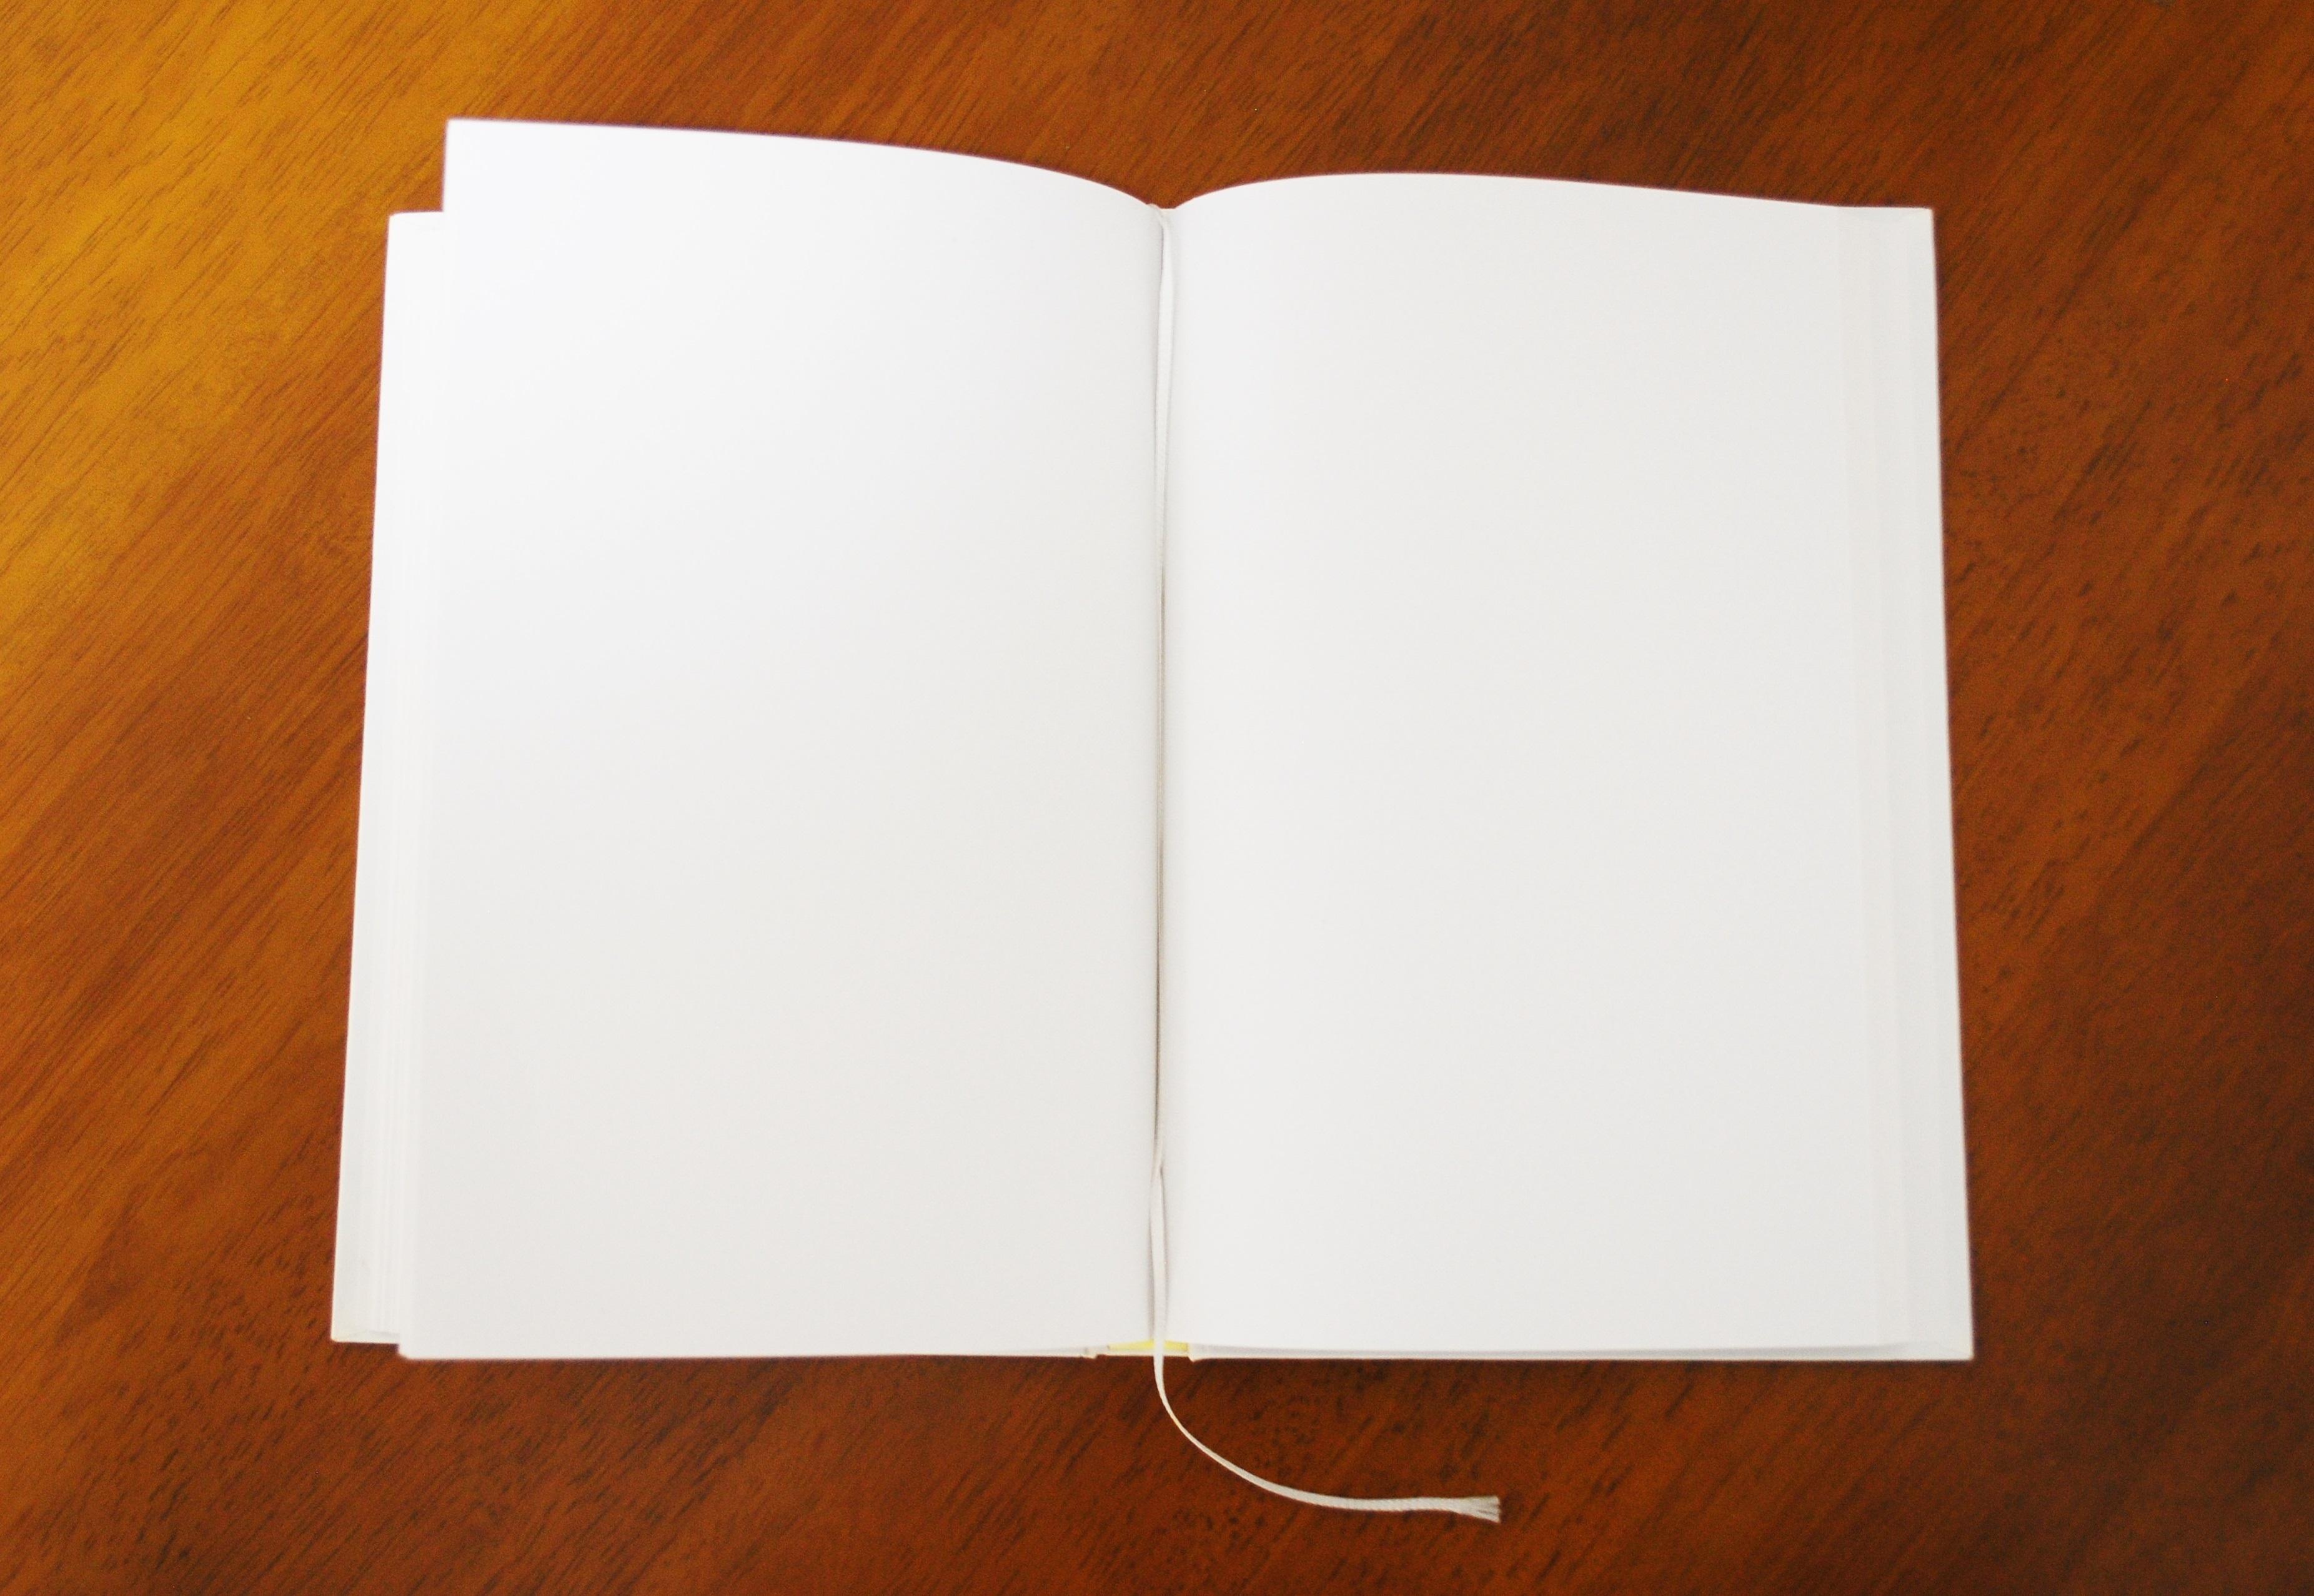 開業者本人が物件探しからオープンまでのリアルな日々を綴る日記。『開業ブログ』続々始動!